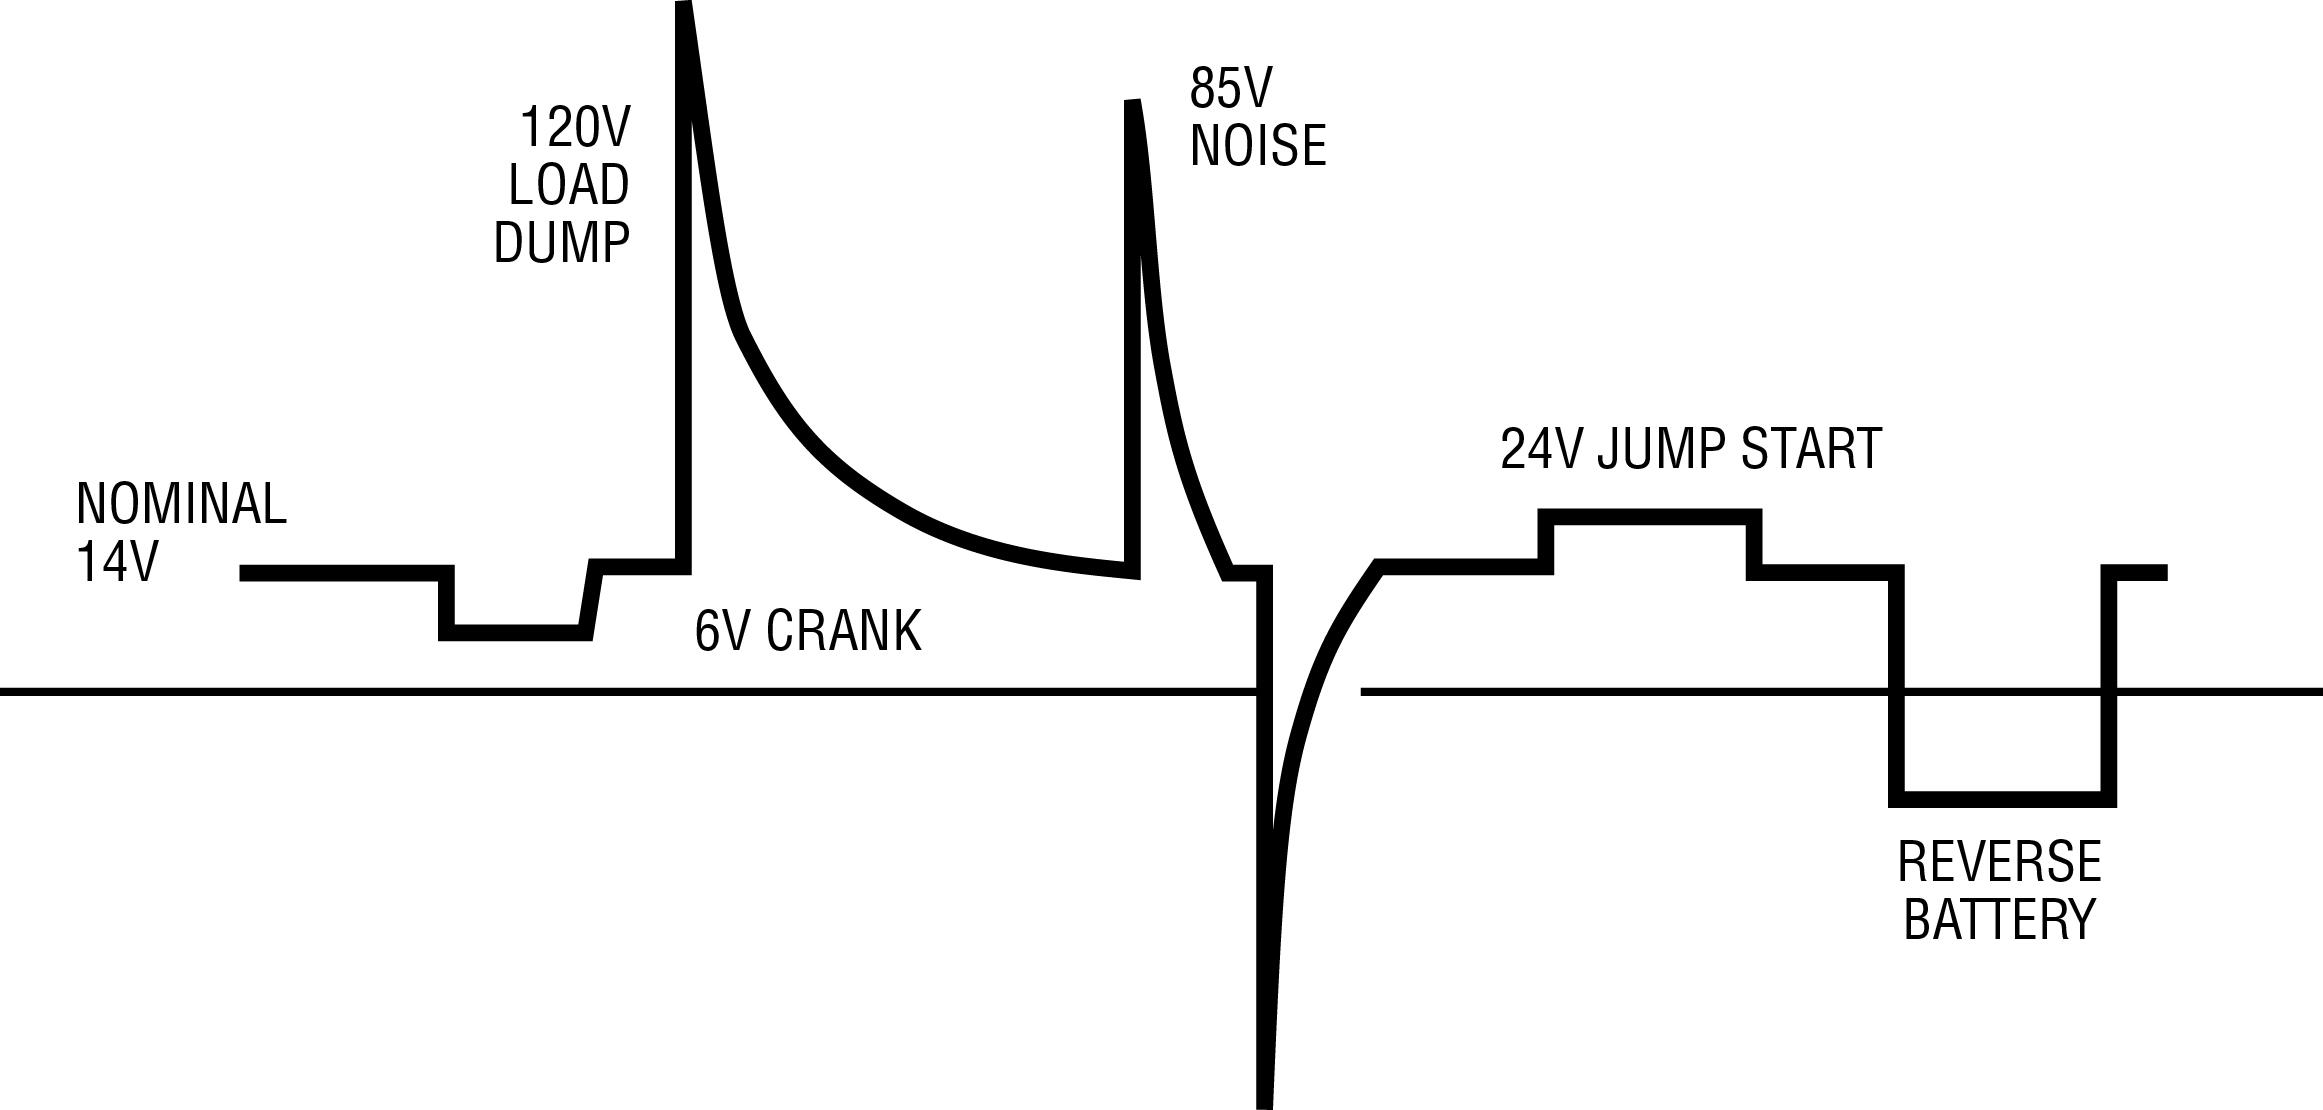 Figura 1. Transitori tipici in un autoveicol. Il segnale come la tensione d'ingresso in un autoveicolo può variare a seconda delle condizioni di funzionamento, che possono andare dal disinserimento del carico all'avviamento a freddo e anche a una connessione invertita della batteria